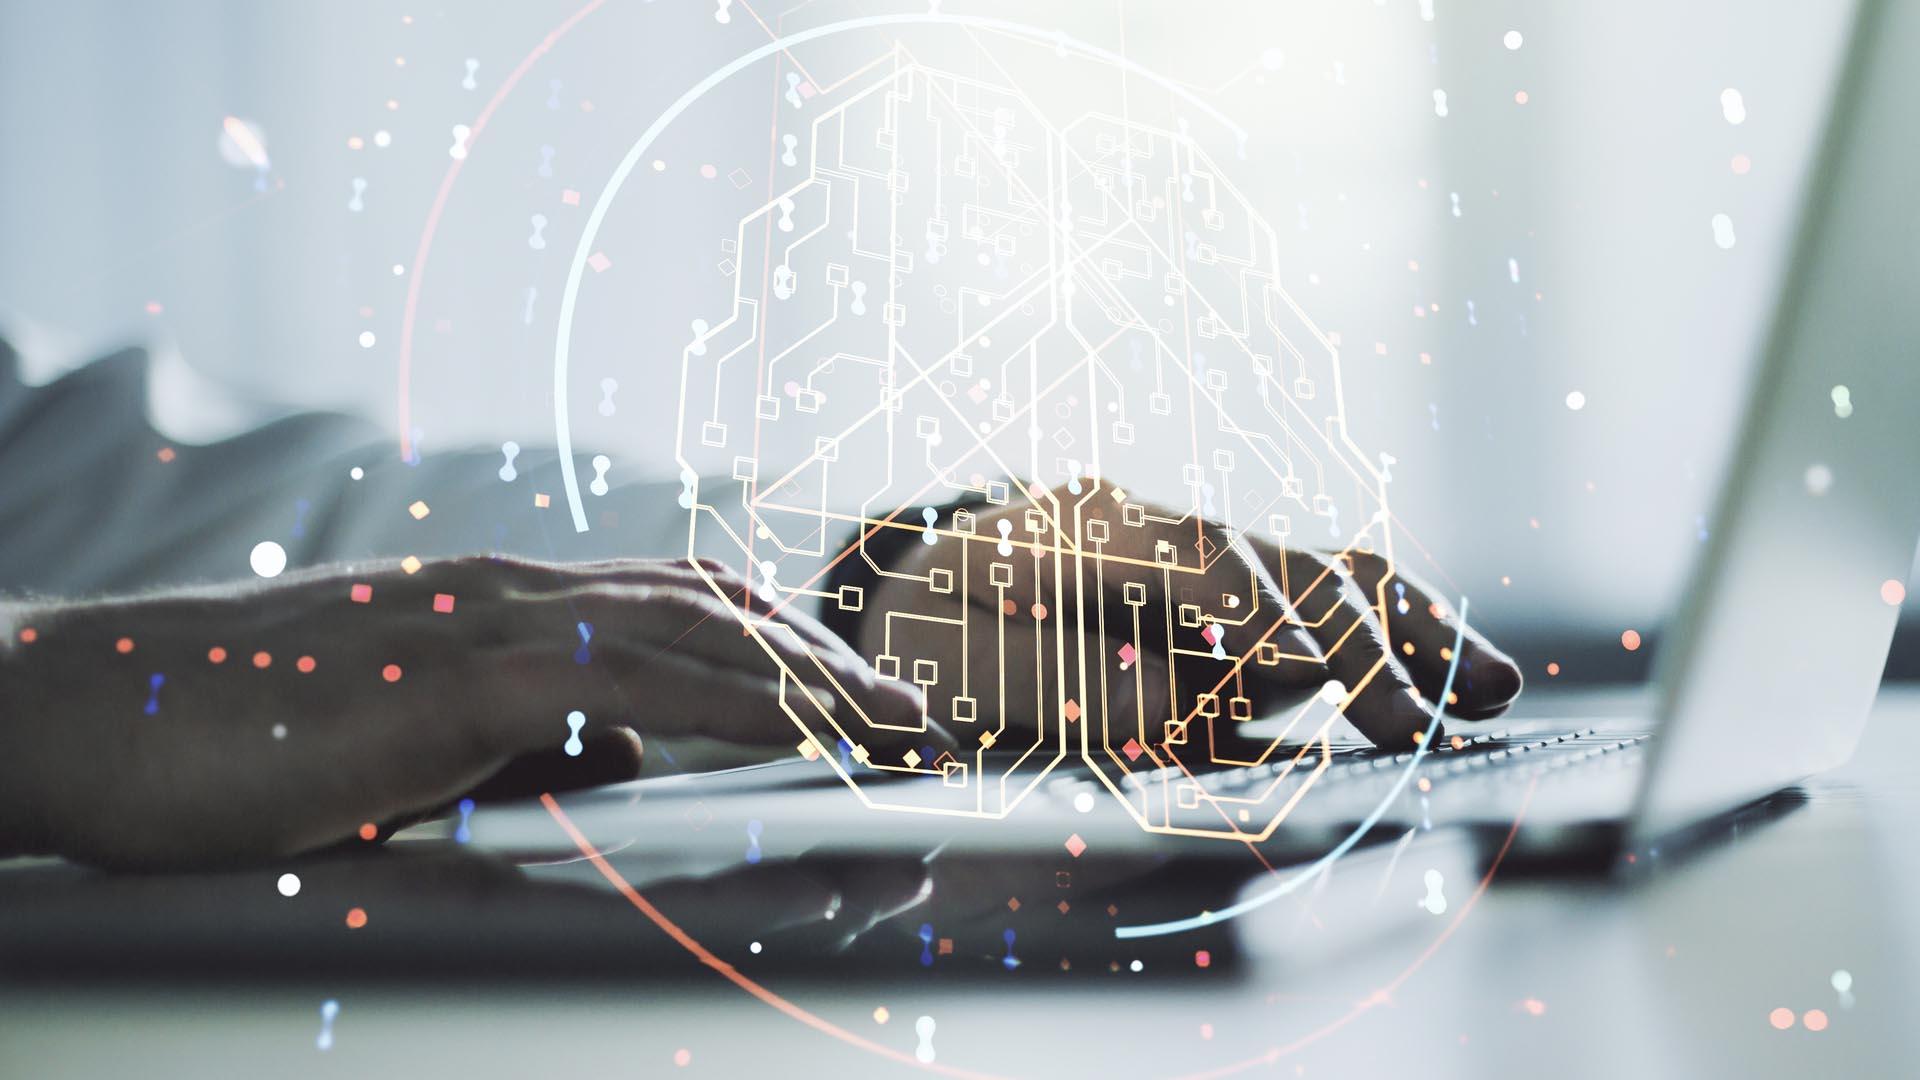 Intelligenza artificiale e burocrazia: così la startup Writexp aiuta a scrivere testi comprensibili | Economyup